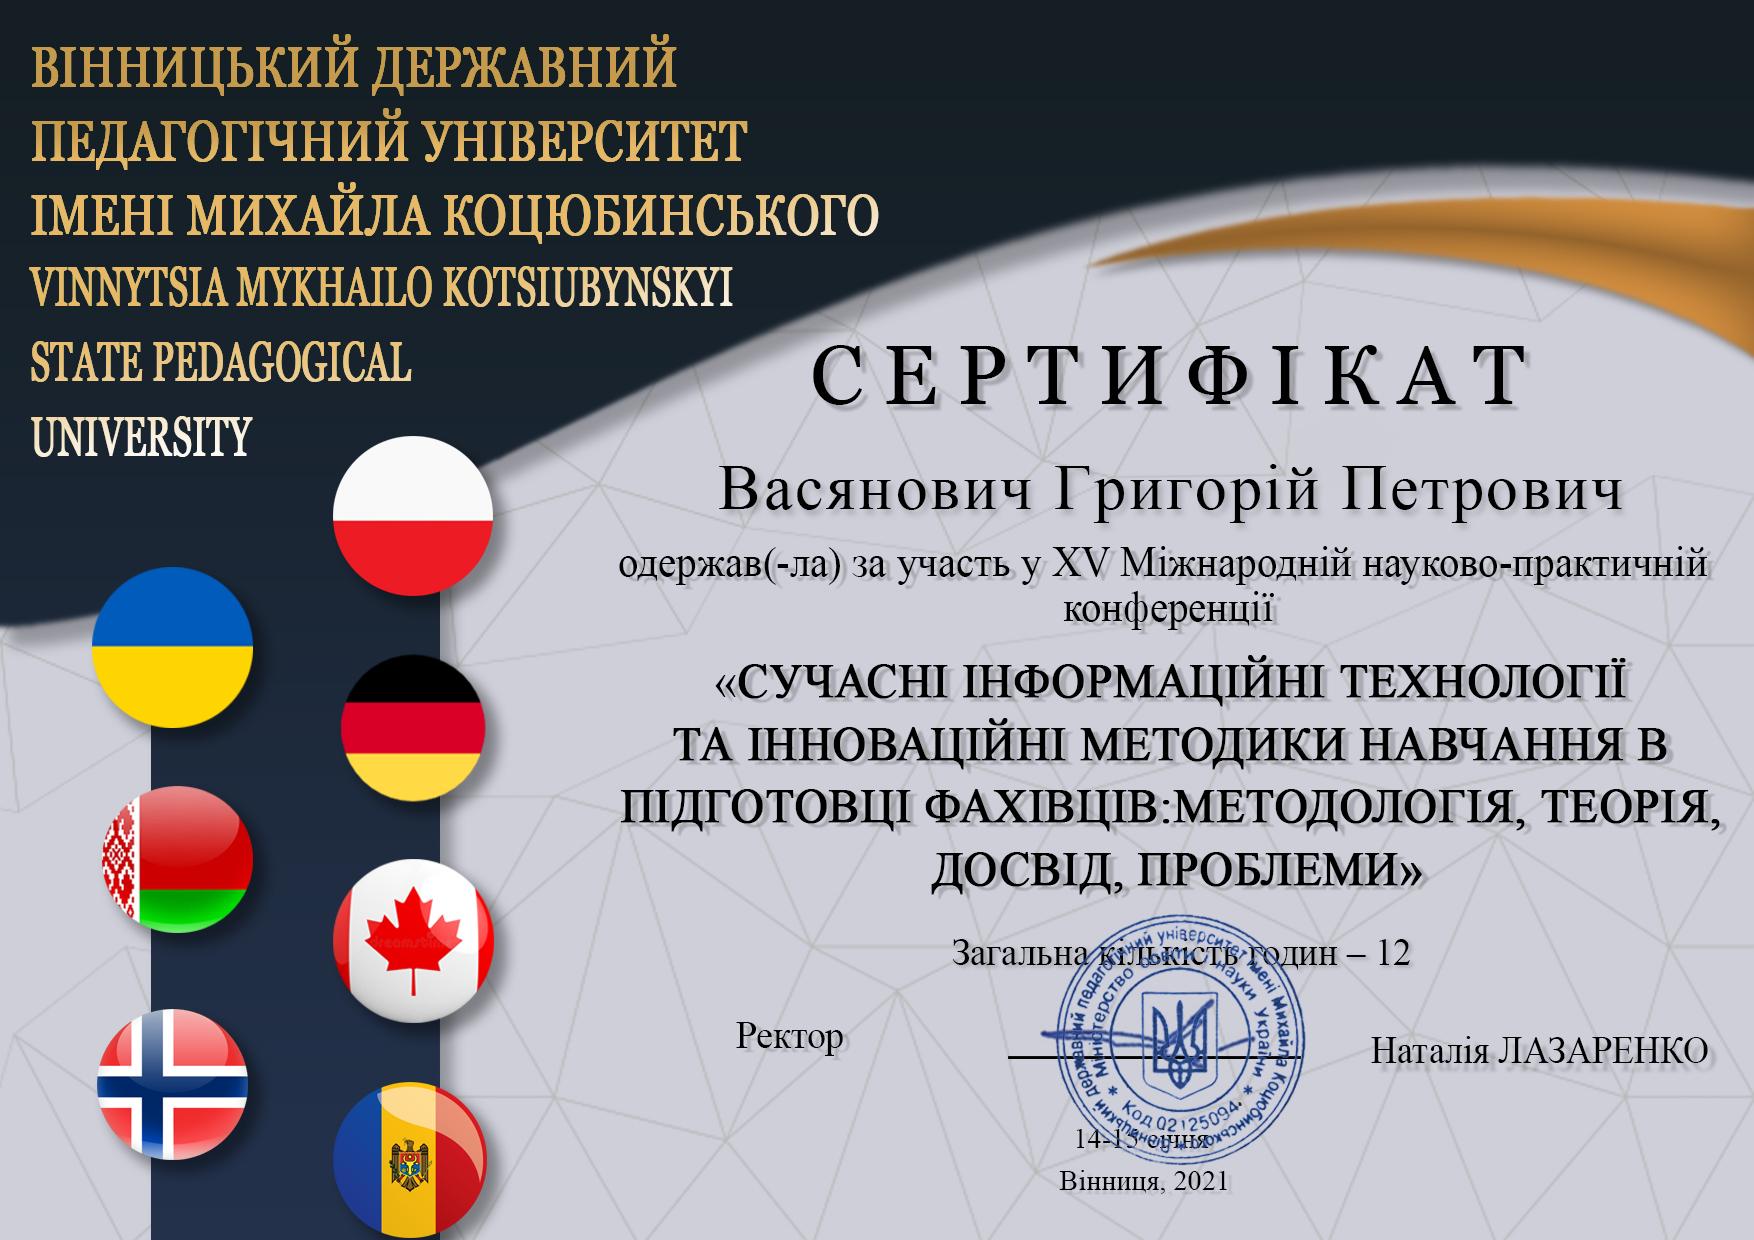 Васянович Григорій Петрович